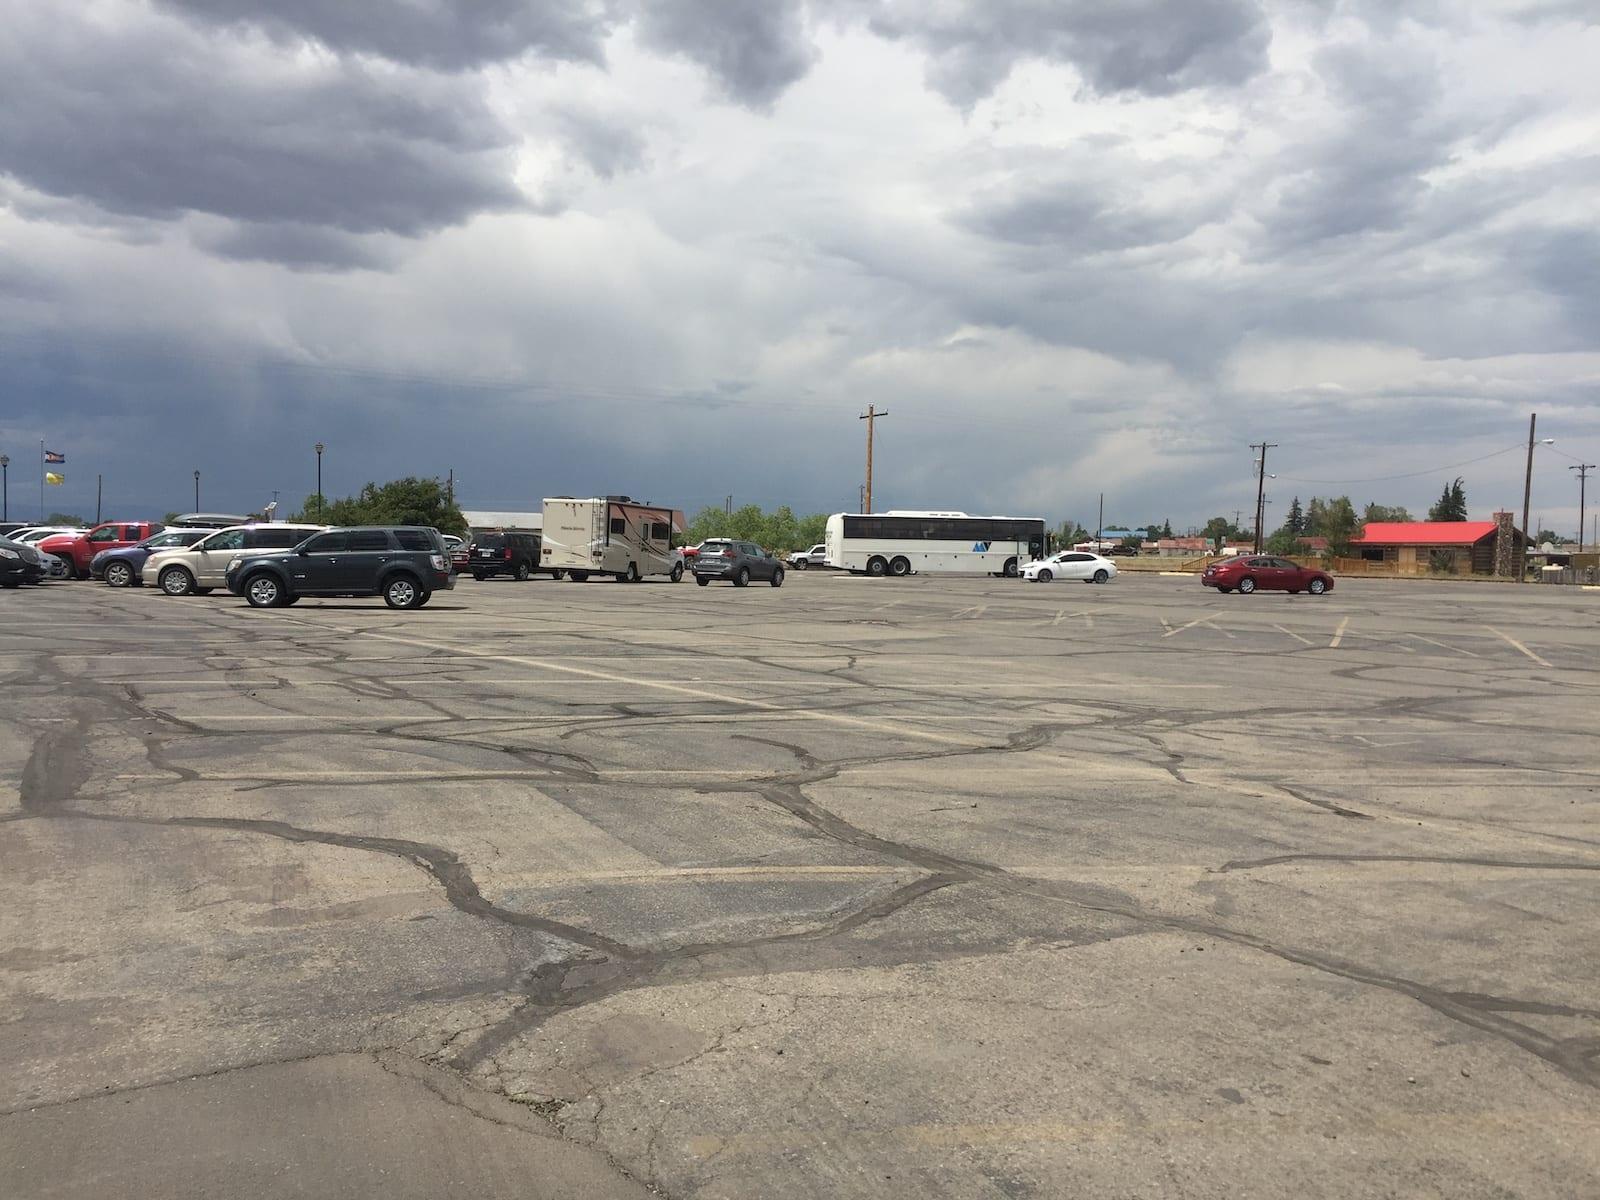 Antonito Colorado Cumbres and Toltec Scenic Railroad Parking Lot